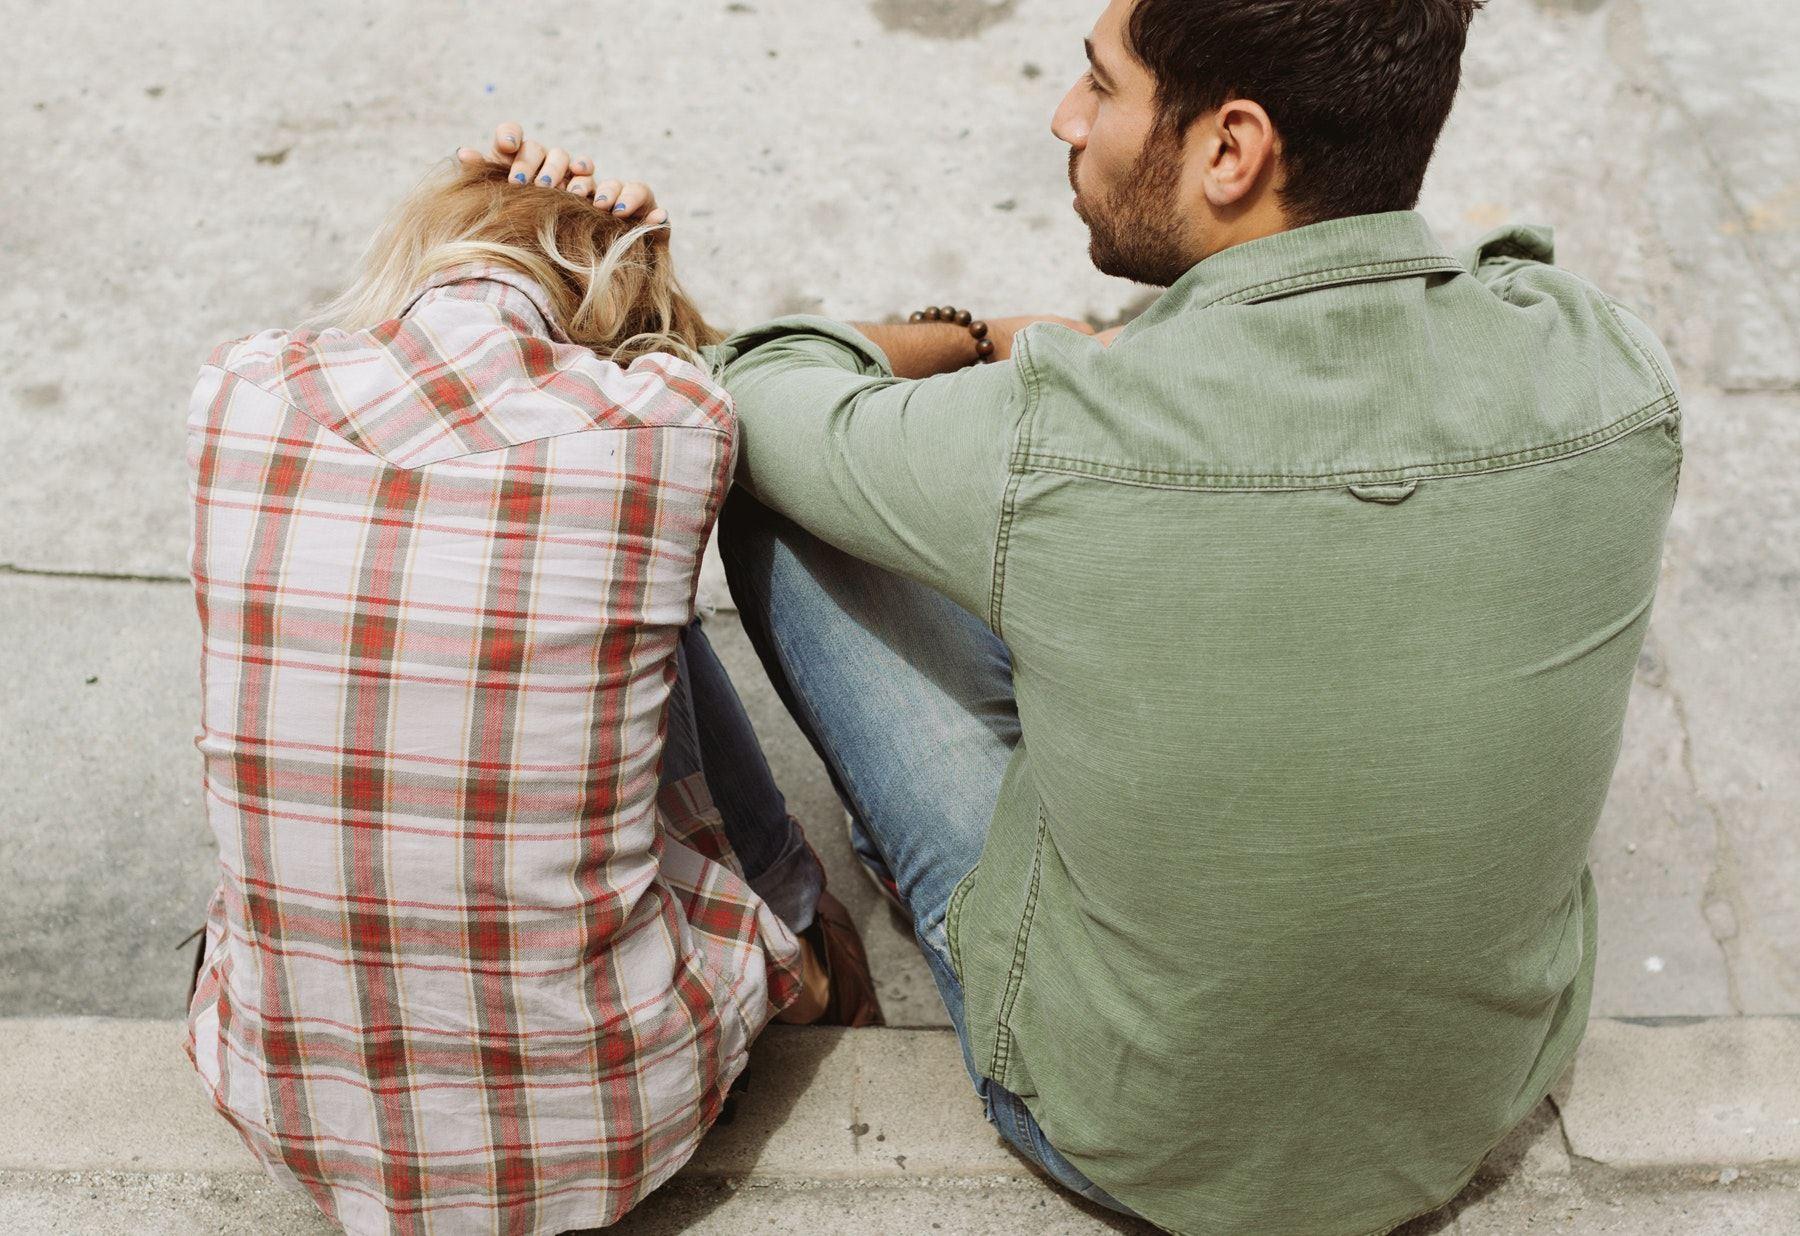 אימון אישי לזוגיות טובה ומוצלחת